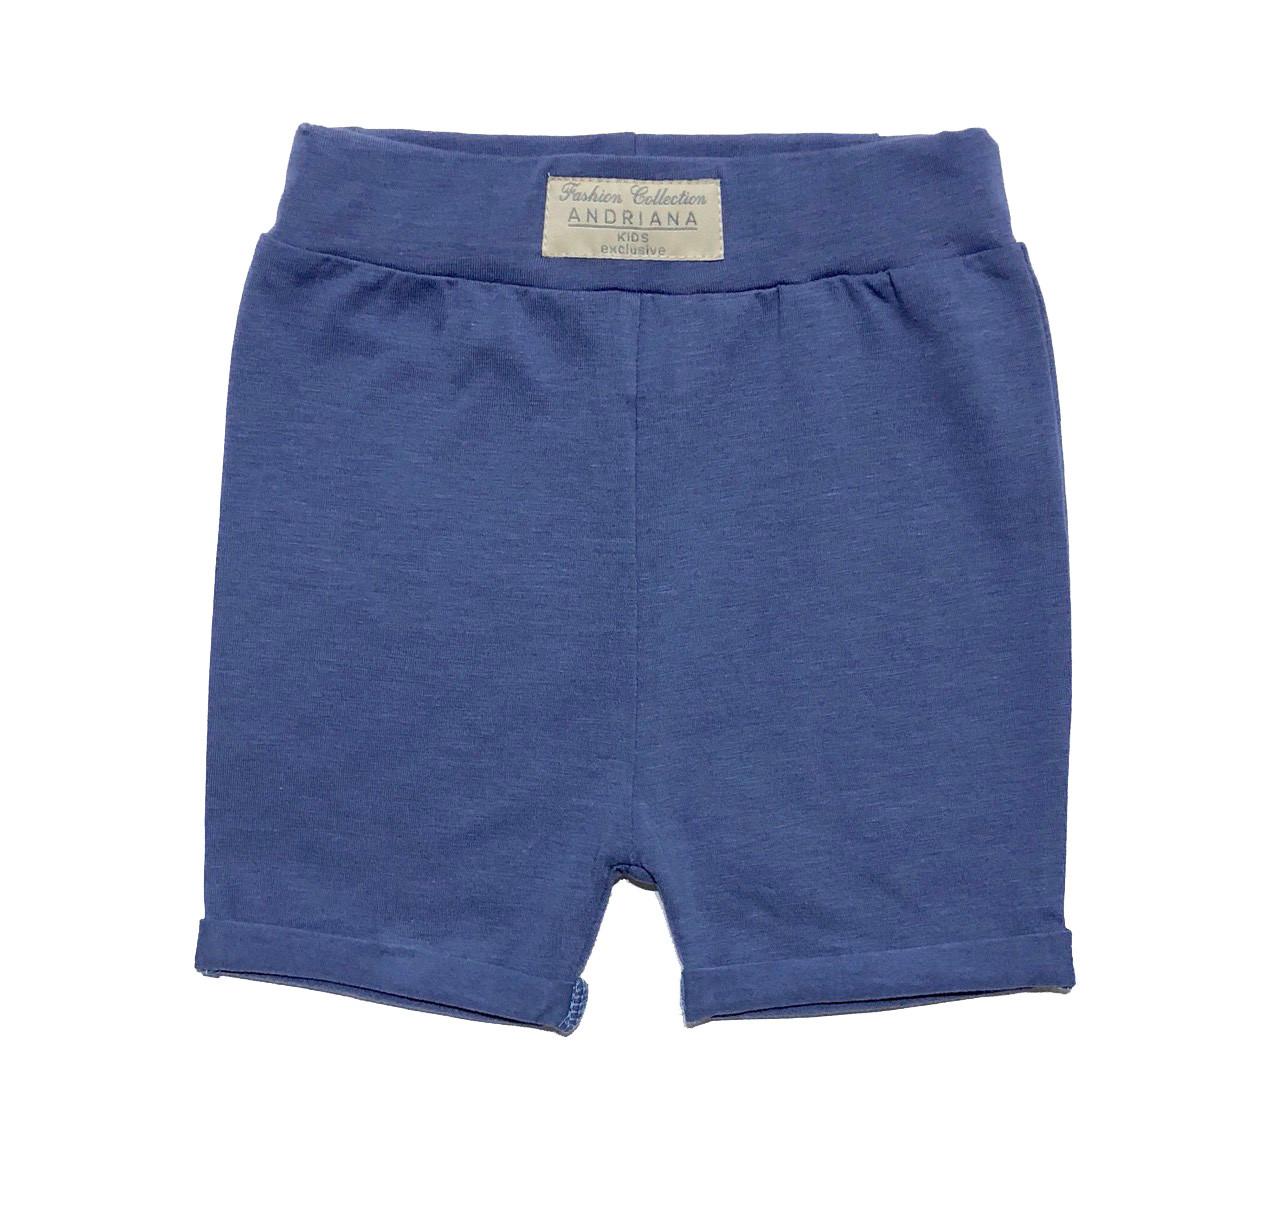 Летние шорты для мальчика Andriana Kids синие